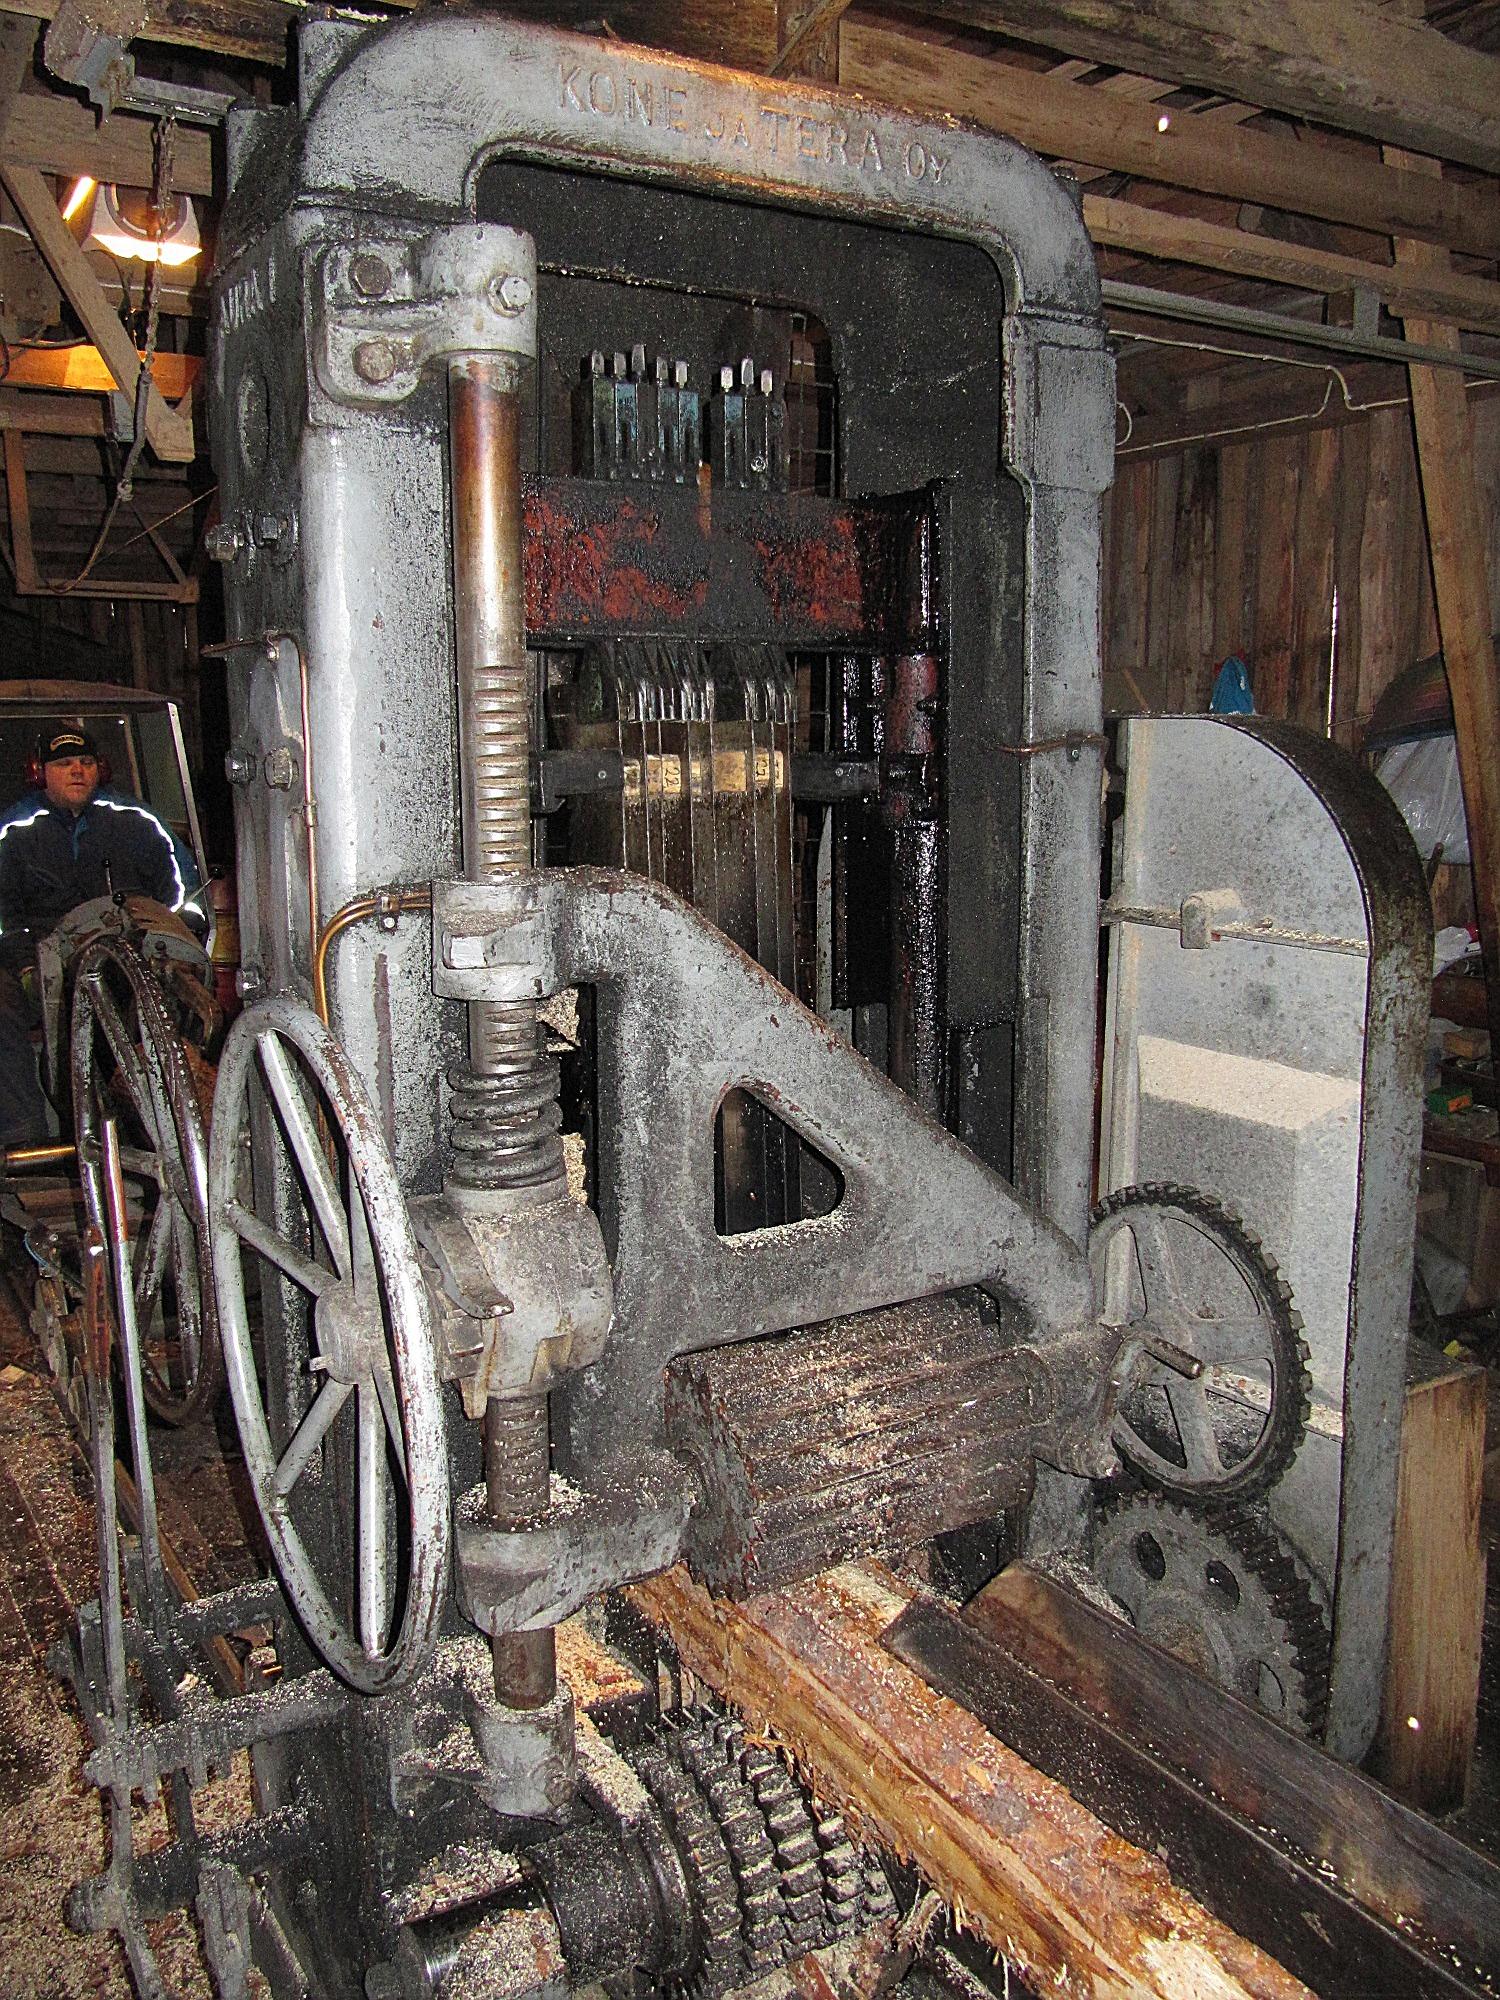 Den eldrivna ramen som är tillverkad av Kone ja Terä Oy ser robust ut och verkar att vara outslitlig. Elektriciteten till de större motorerna kommer från ett eget dieselkraftverk, som finns i anslutning till sågbyggnaden.